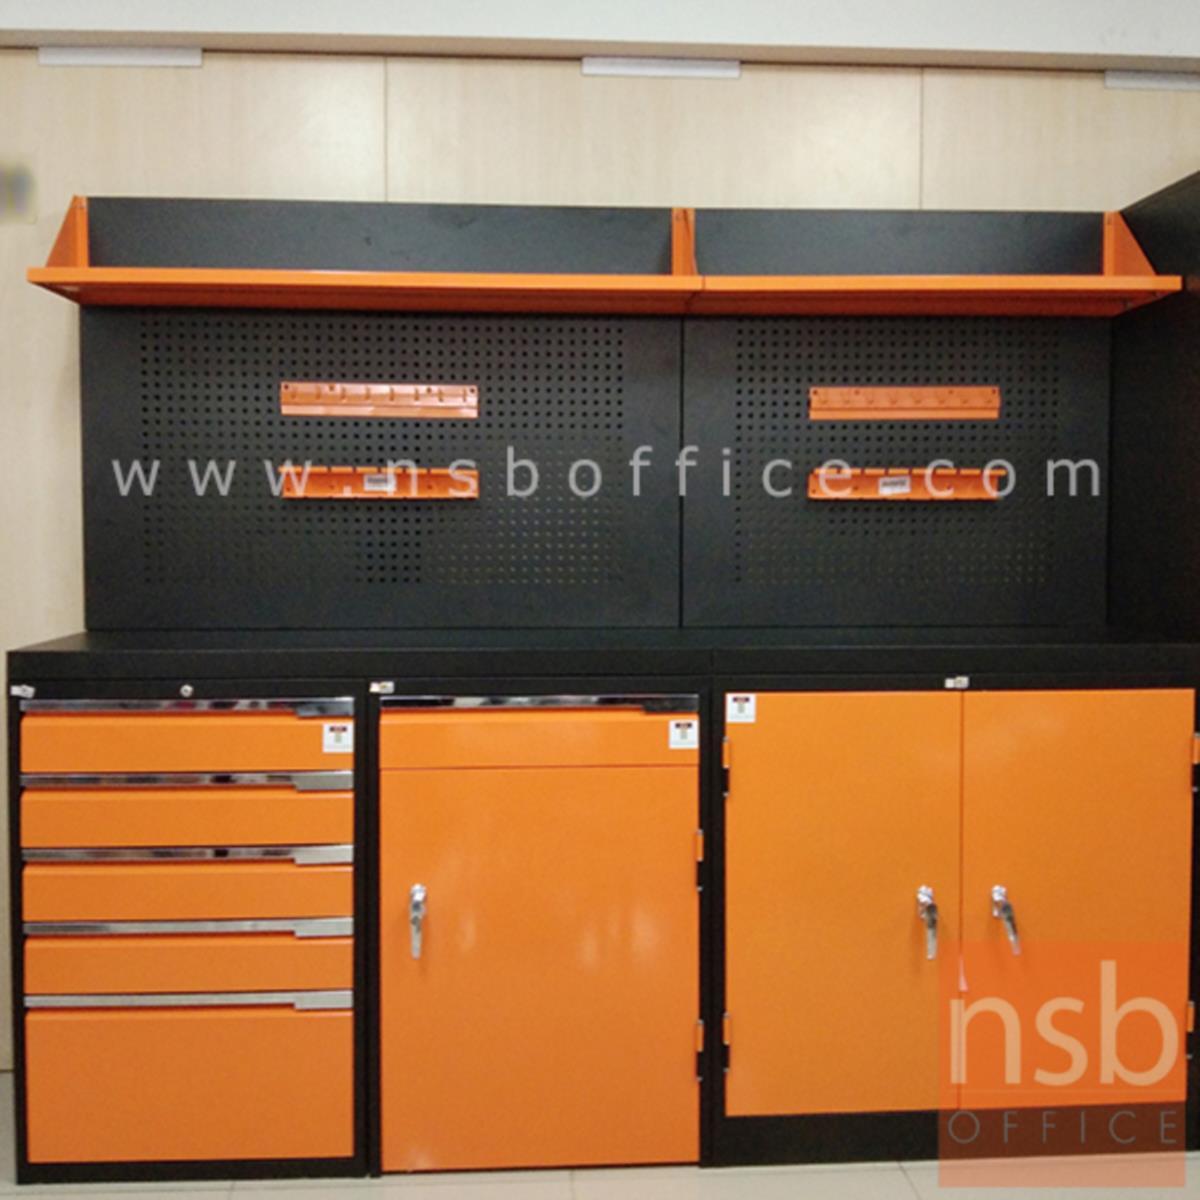 ชุดตู้เก็บเครื่องมือช่าง ขนาด 215W*49.7D*183H cm. พร้อมแผ่นท็อปแผ่นชั้นและอุปกรณ์เสริม